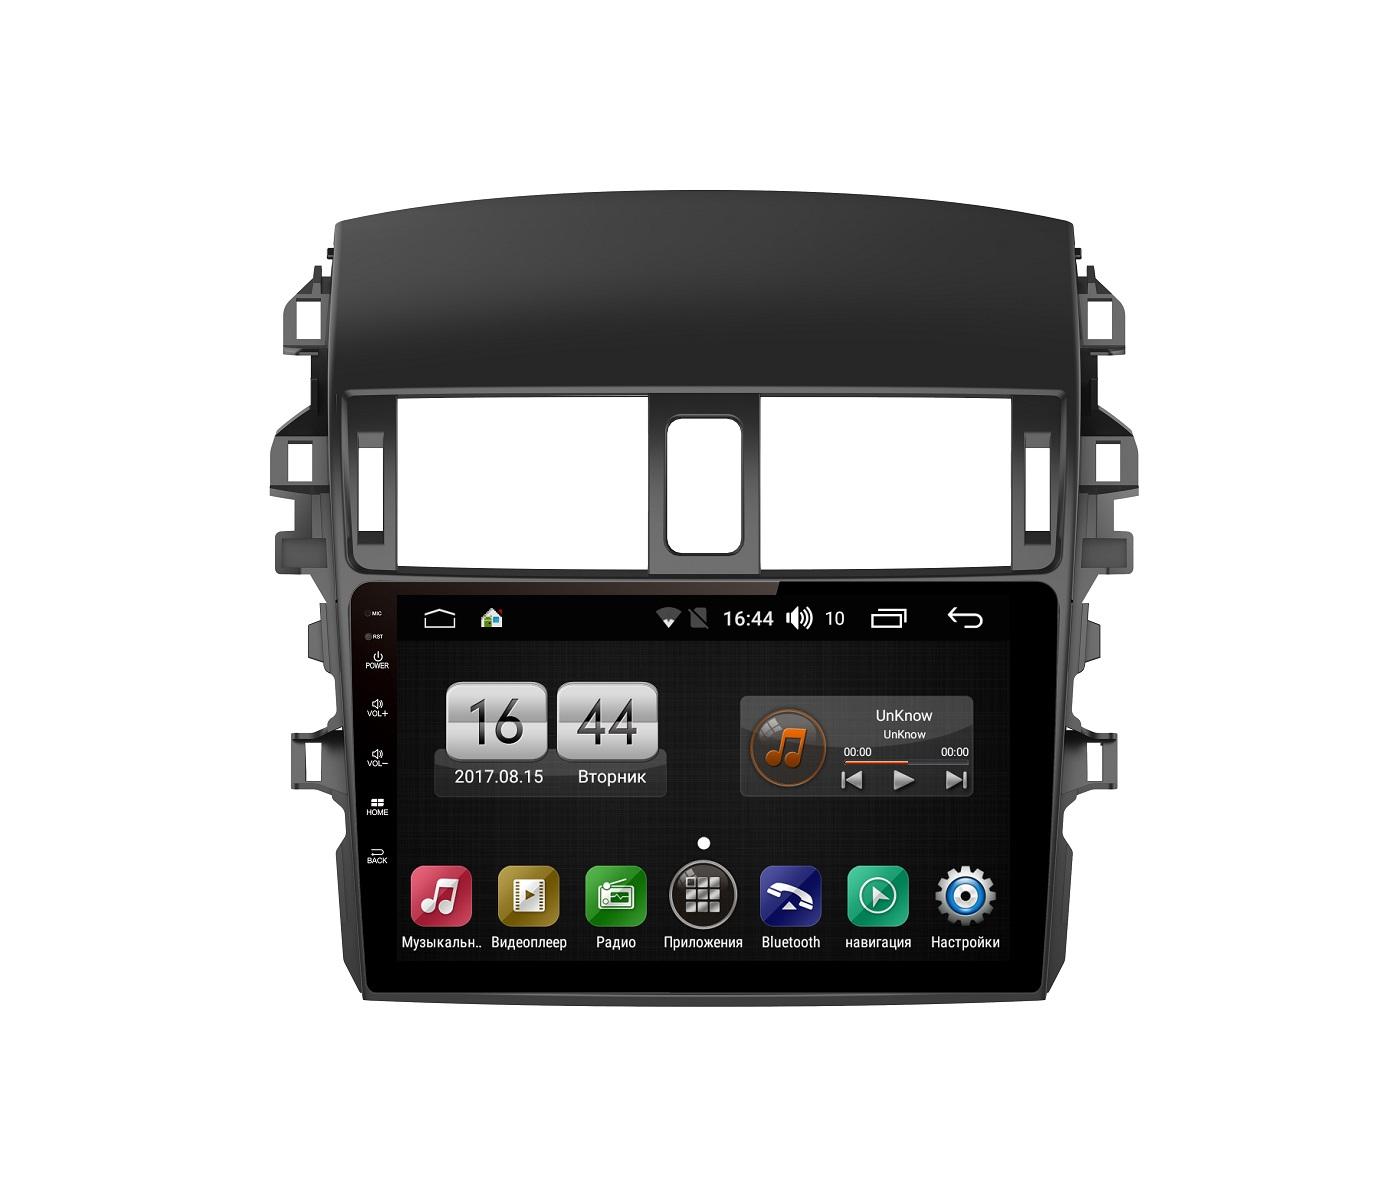 Штатная магнитола FarCar s175 для Toyota Corolla на Android (L063R)FarCar<br>Штатная магнитола FarCar s175 для Toyota Corolla на Android (L063R) работает на Android 6.0.1. Встроенный FM/AM тюнер с функцией RDS. Встроенный GPS приемник SiRFatlas IV. Bluetooth + встроенный Wi - Fi адаптер. HD экран 1024х600 пикселей.